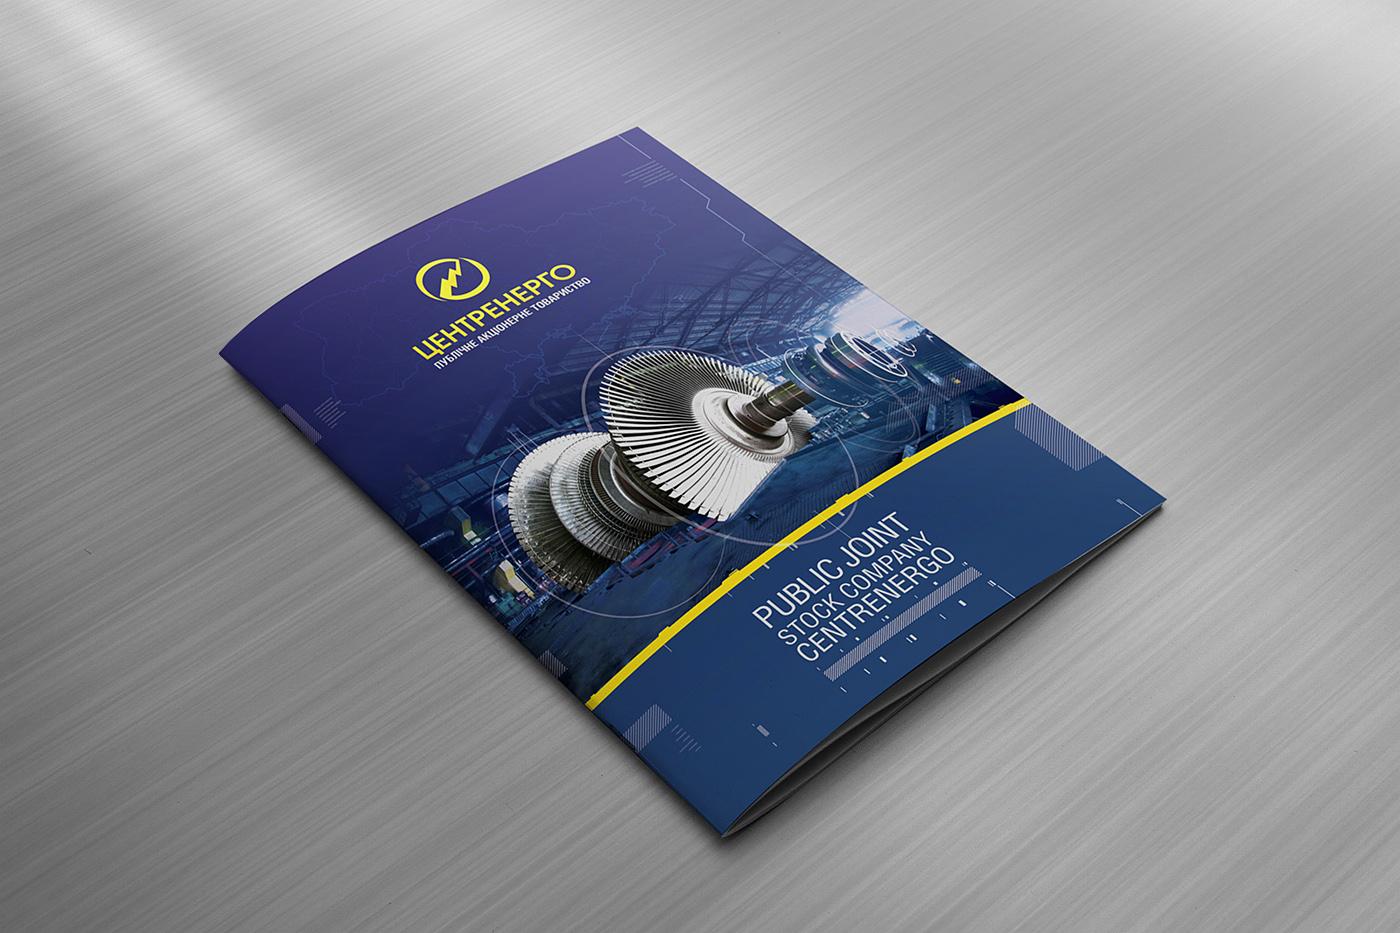 Изготовление каталога для компании Центрэнерго-2